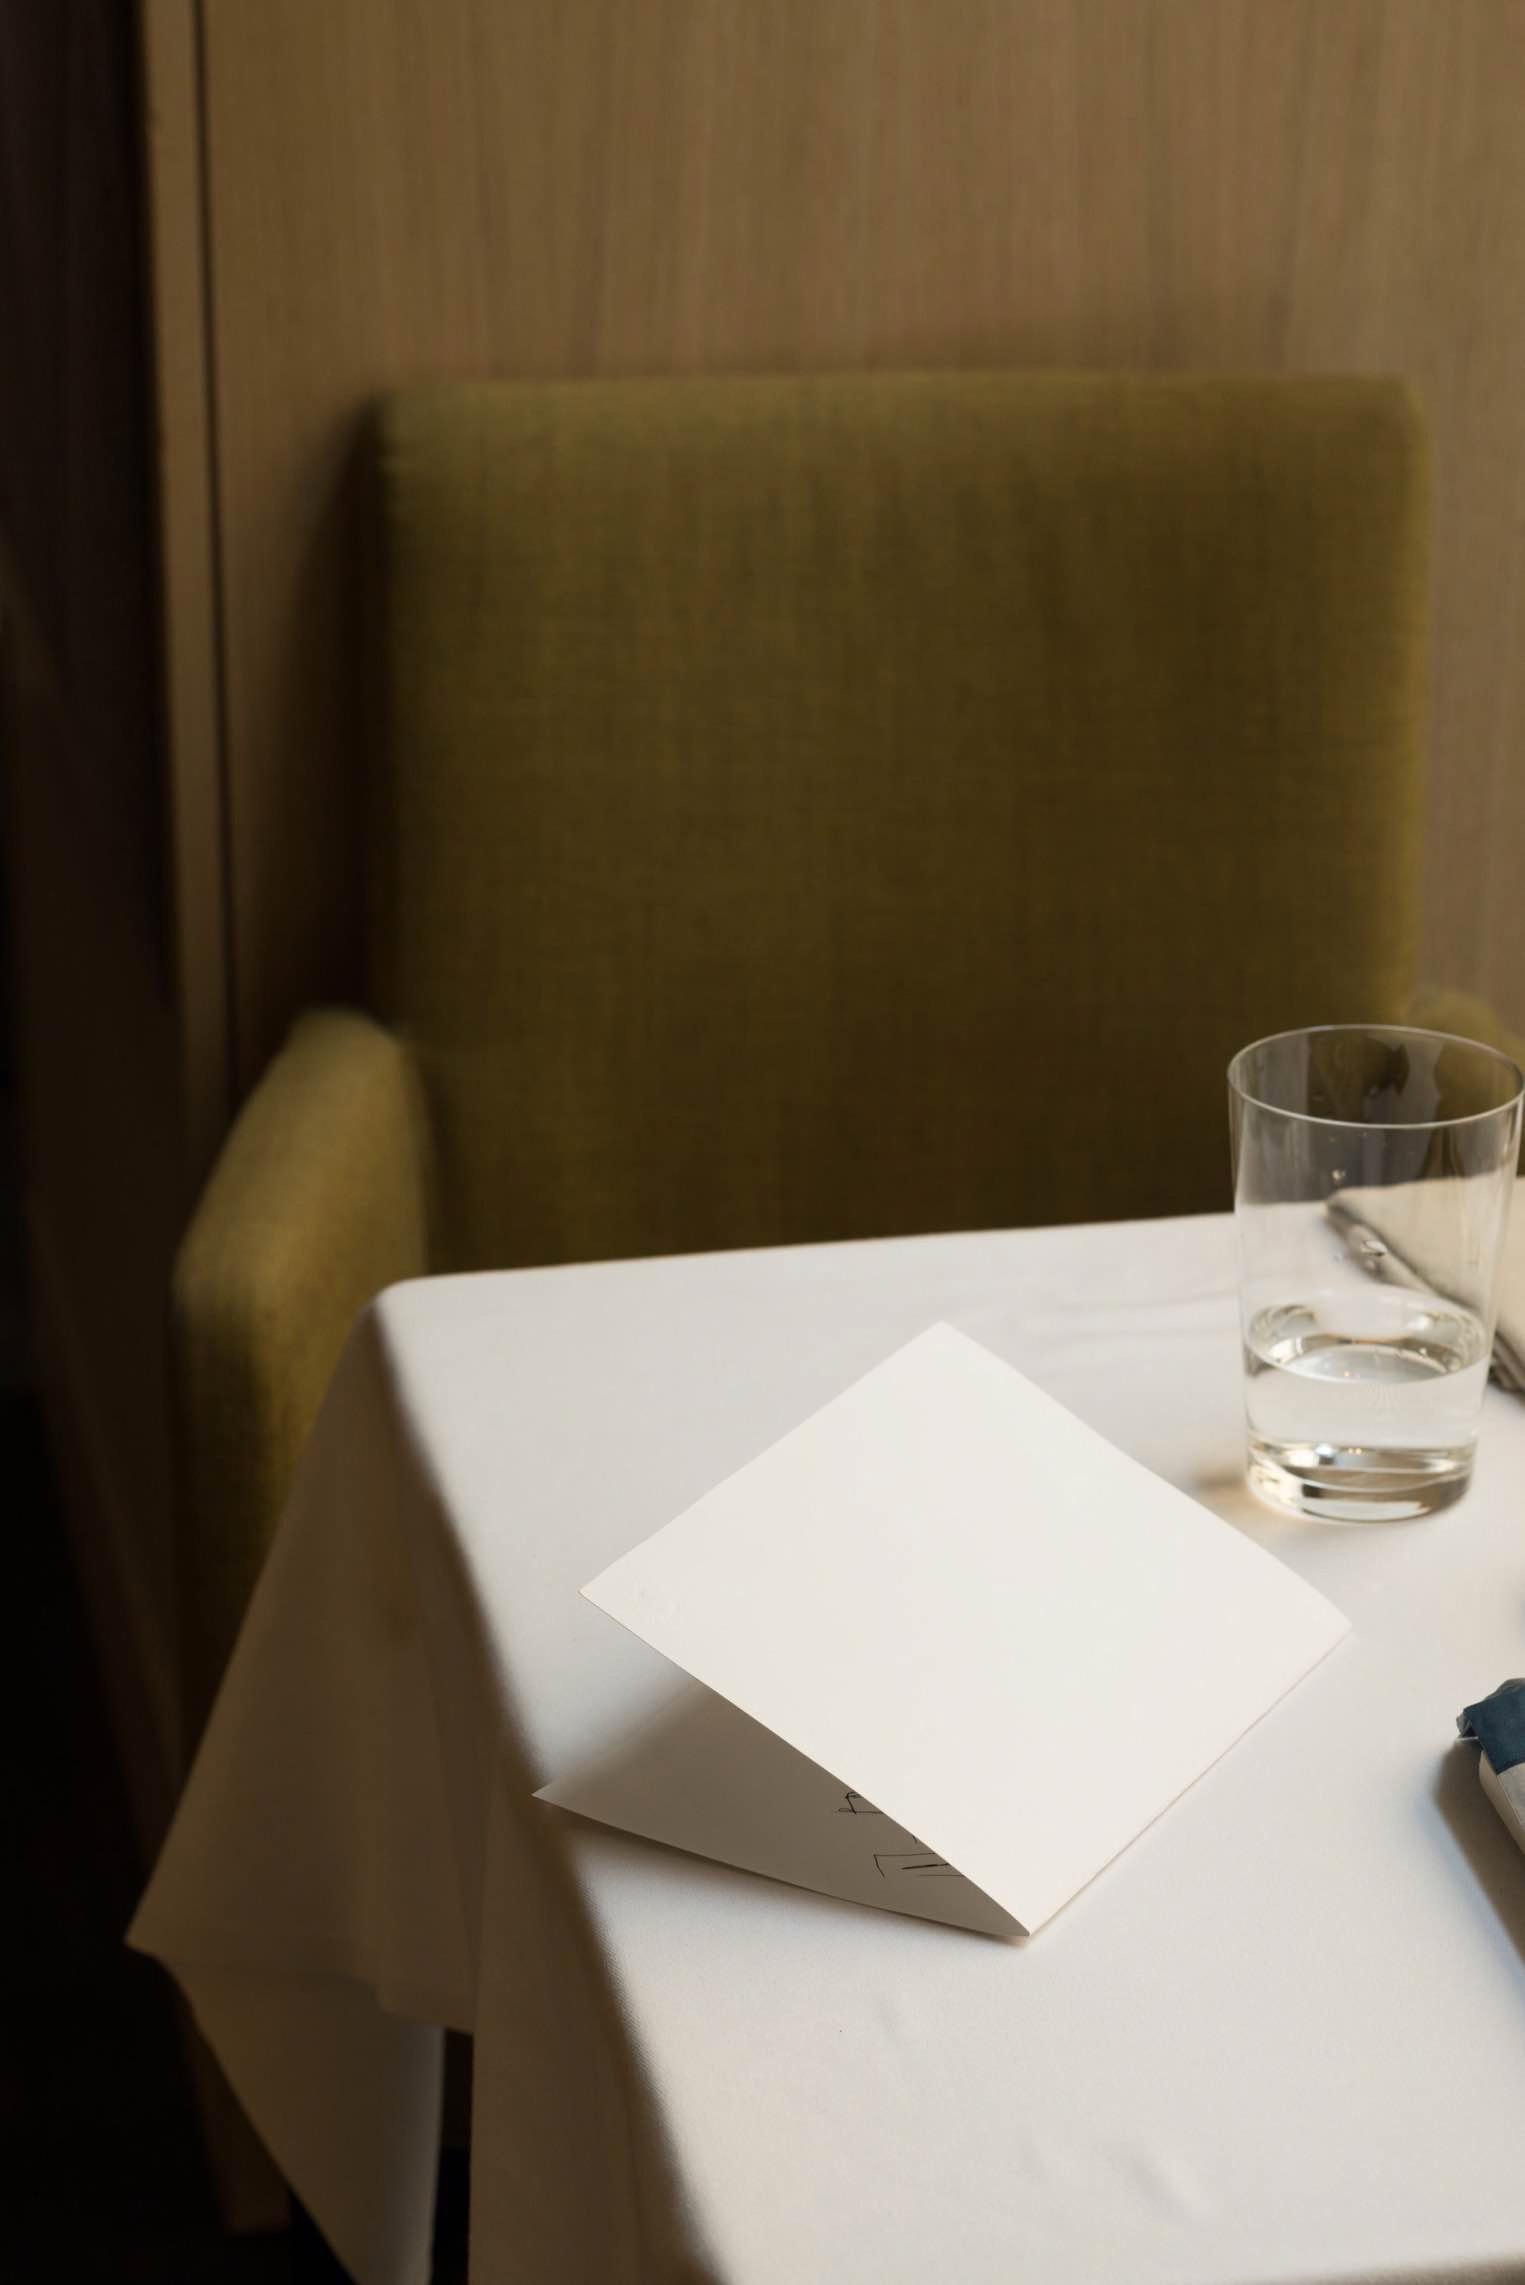 Kaffeehaustisch mit gefaltetem weißem Papier und Glas